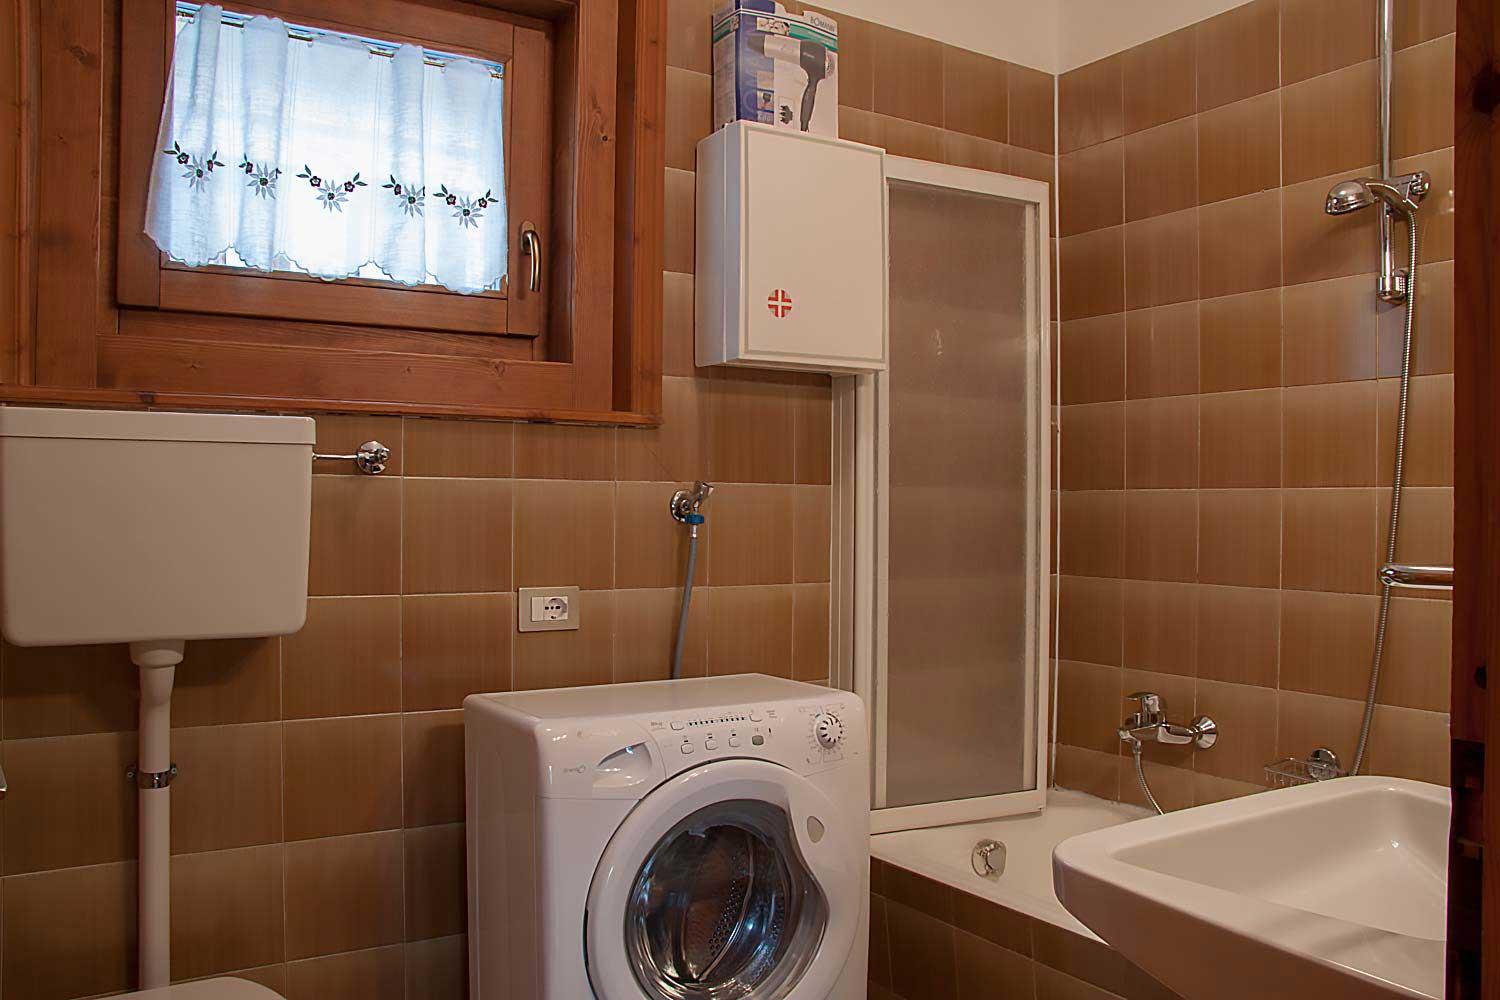 Appartamento 1 | Li Pont | Prenota il tuo appartamento in affitto a Livigno